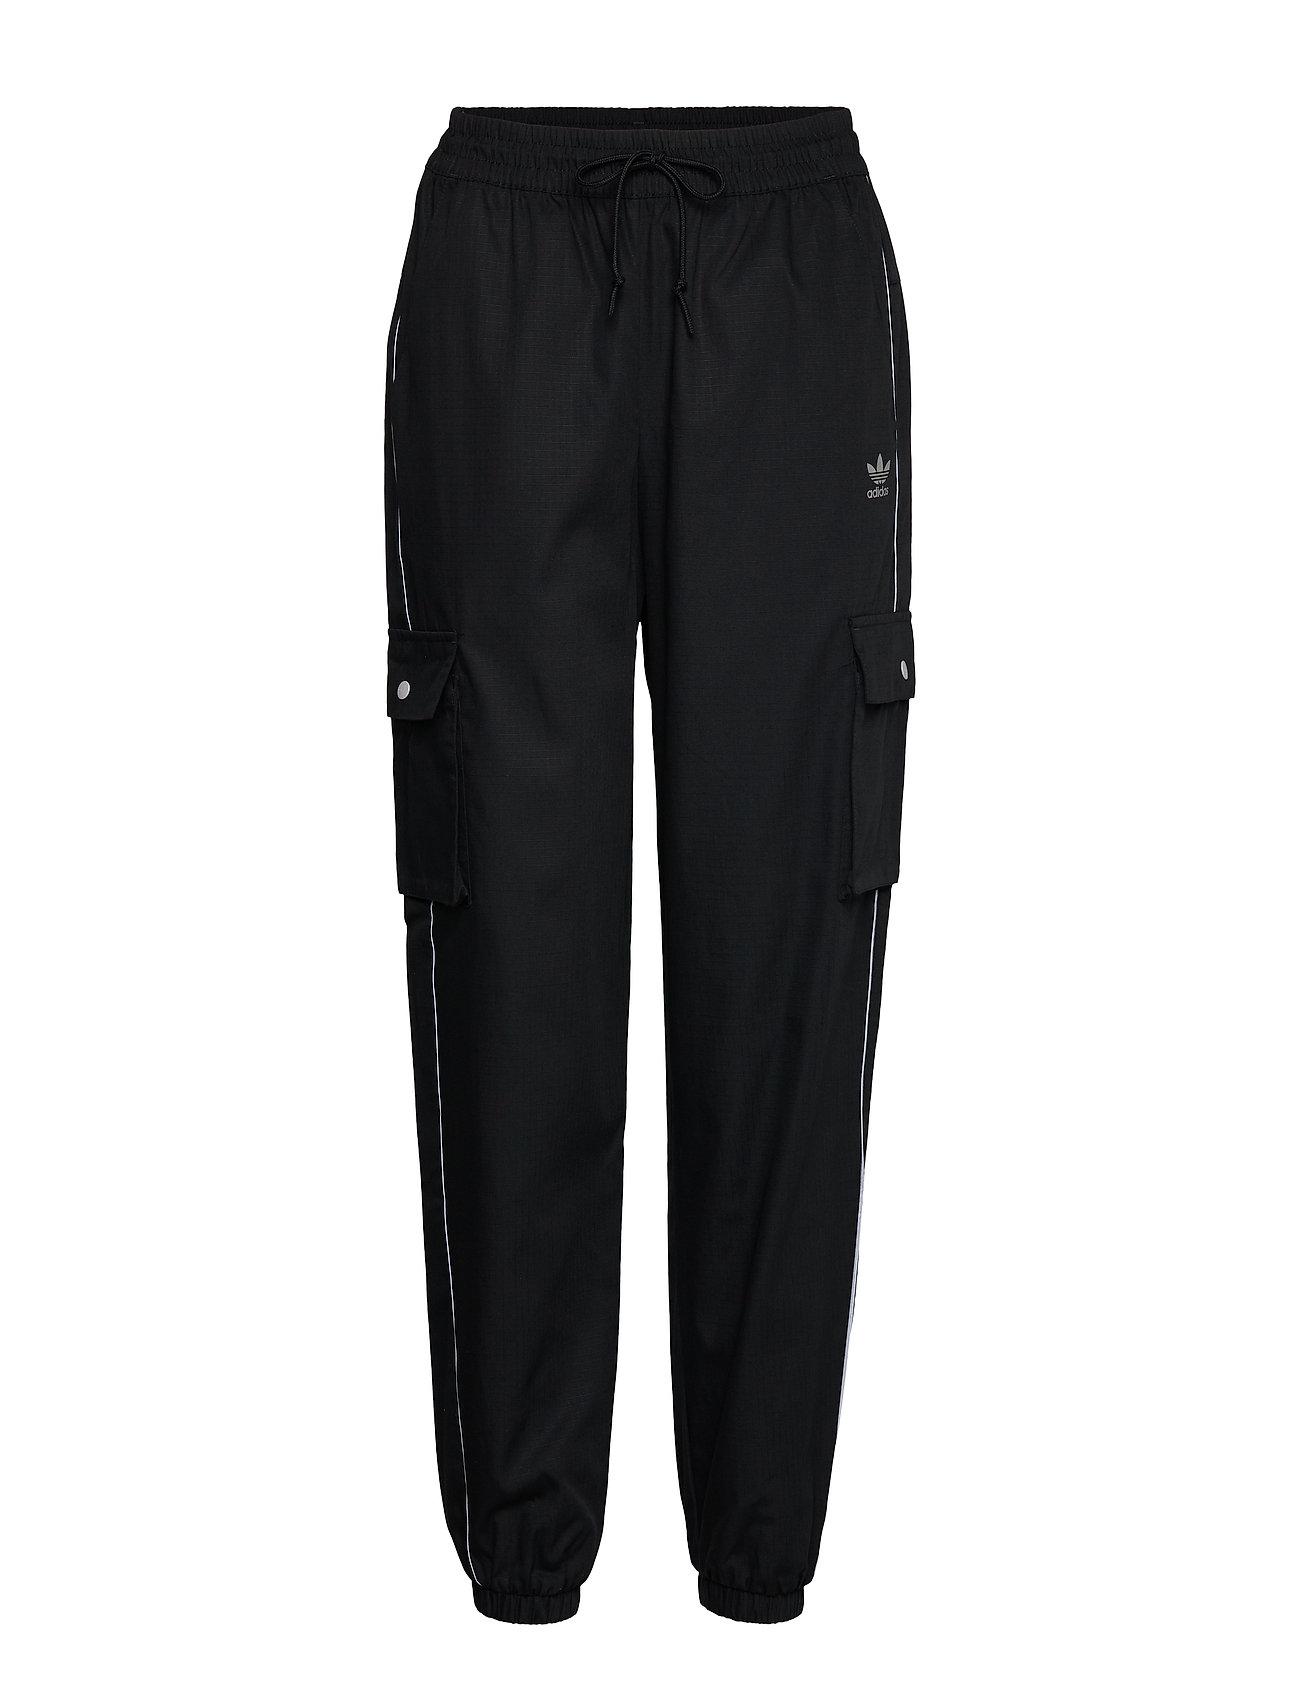 adidas Originals CARGO PANT - BLACK